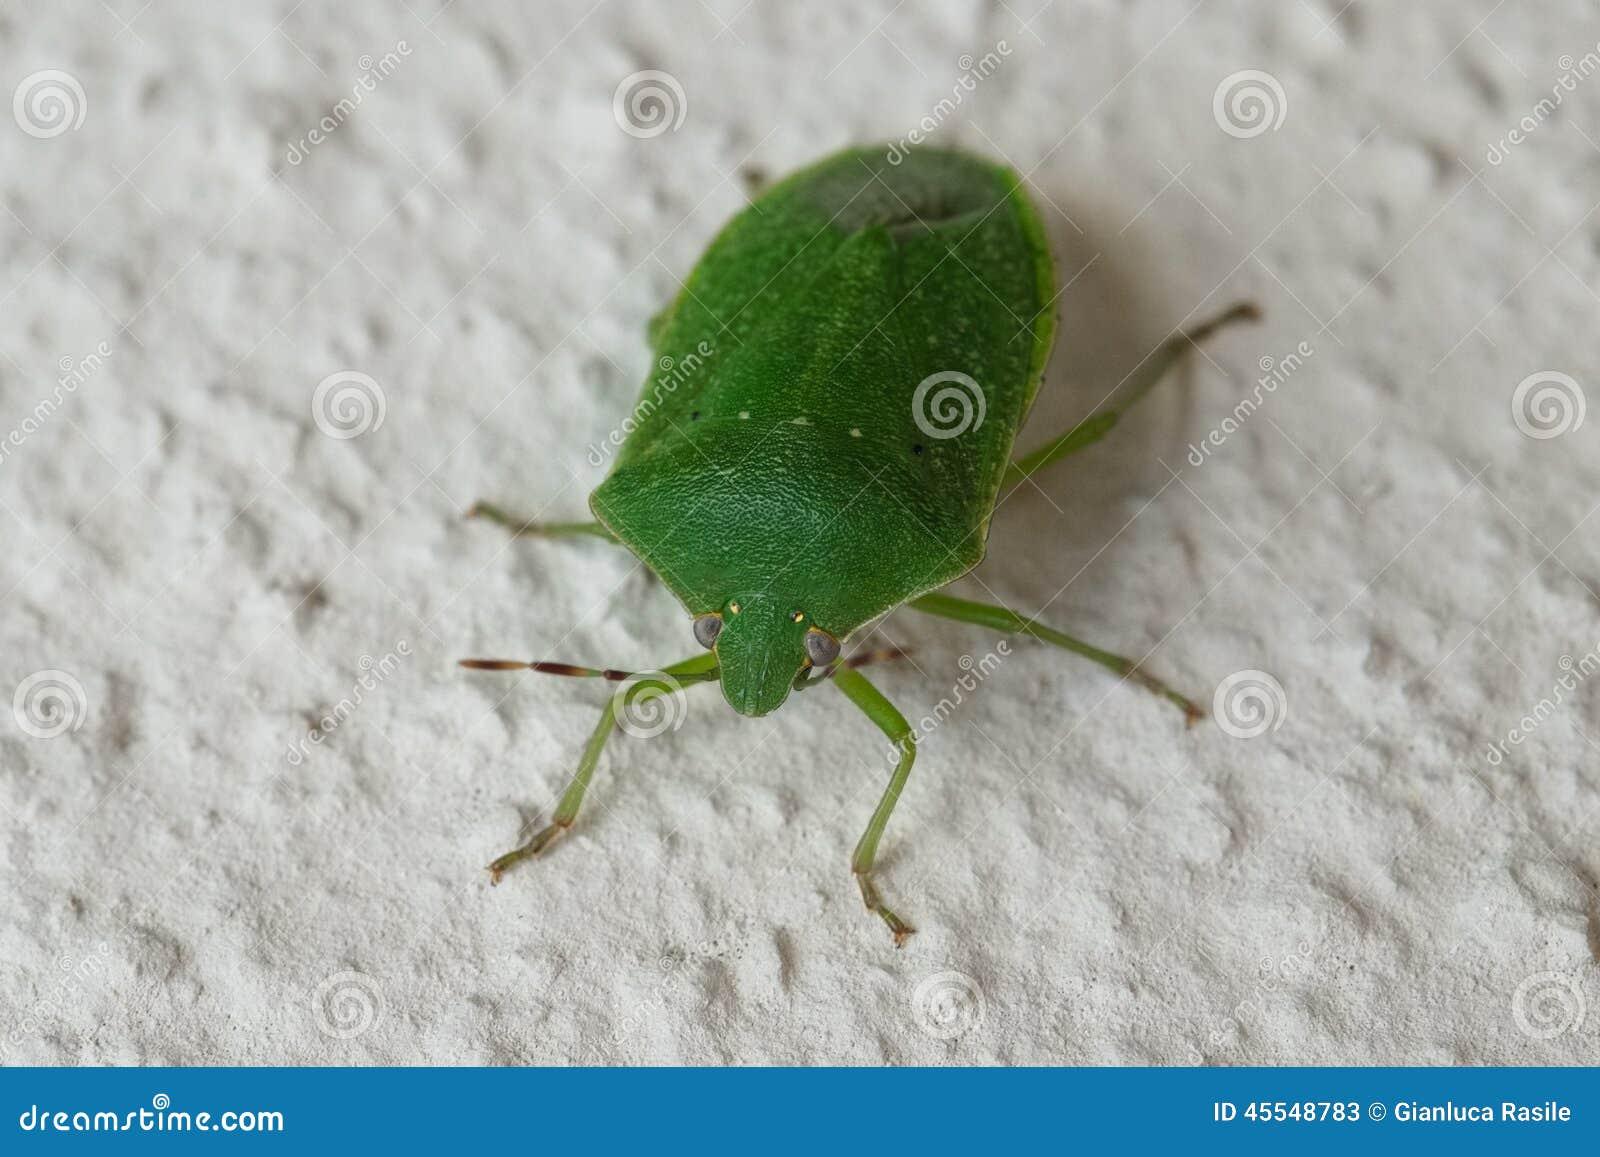 https://thumbs.dreamstime.com/z/insecte-vert-sur-le-mur-45548783.jpg